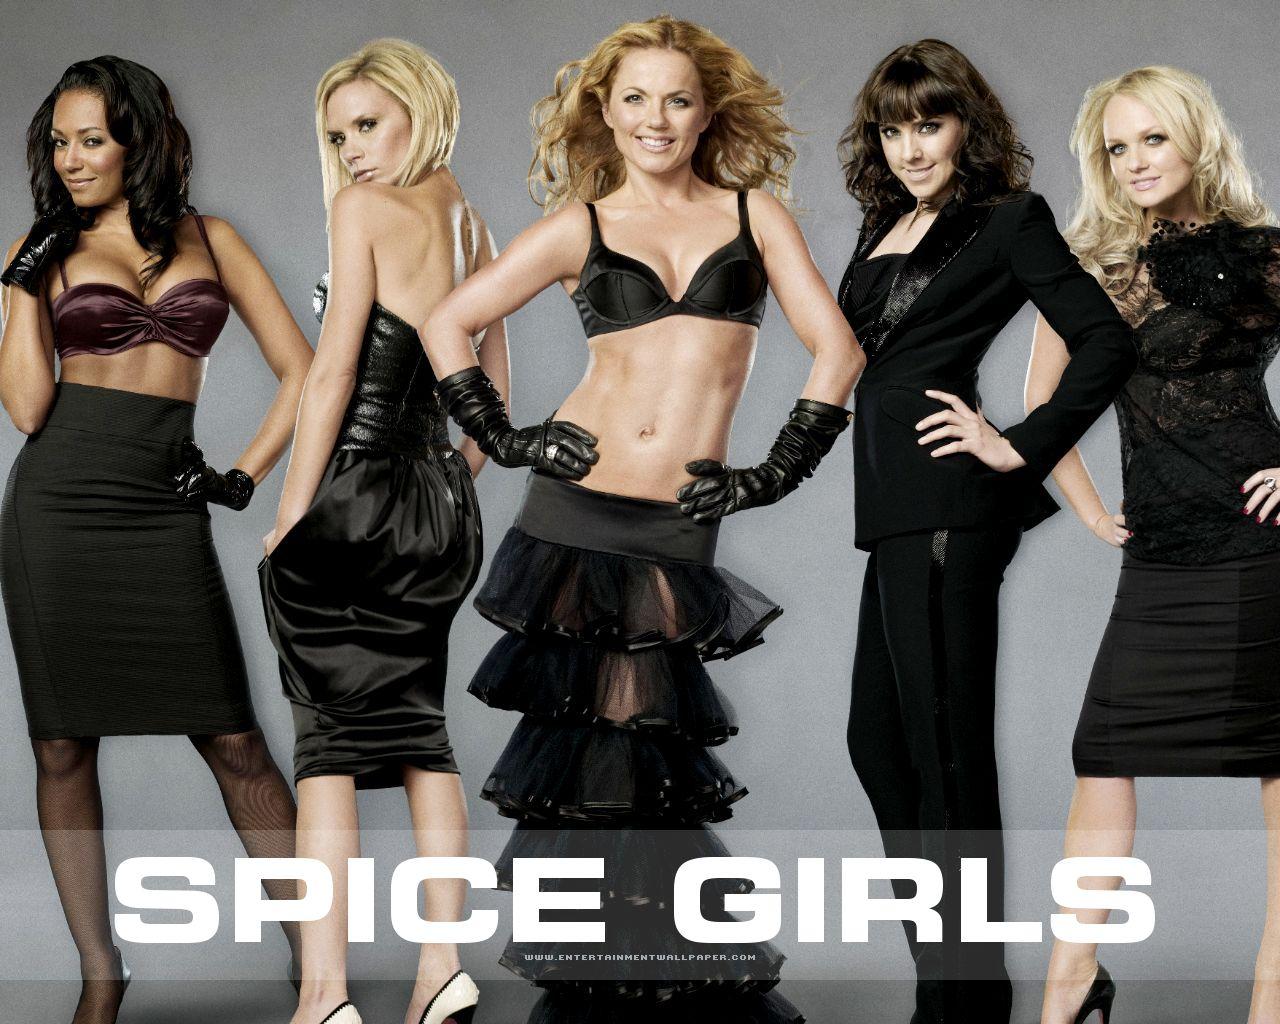 http://4.bp.blogspot.com/_5m_ERuN-V4Q/TSLmZu4nBGI/AAAAAAAABEM/KKhe982CO4o/s1600/spice_girls07.jpg